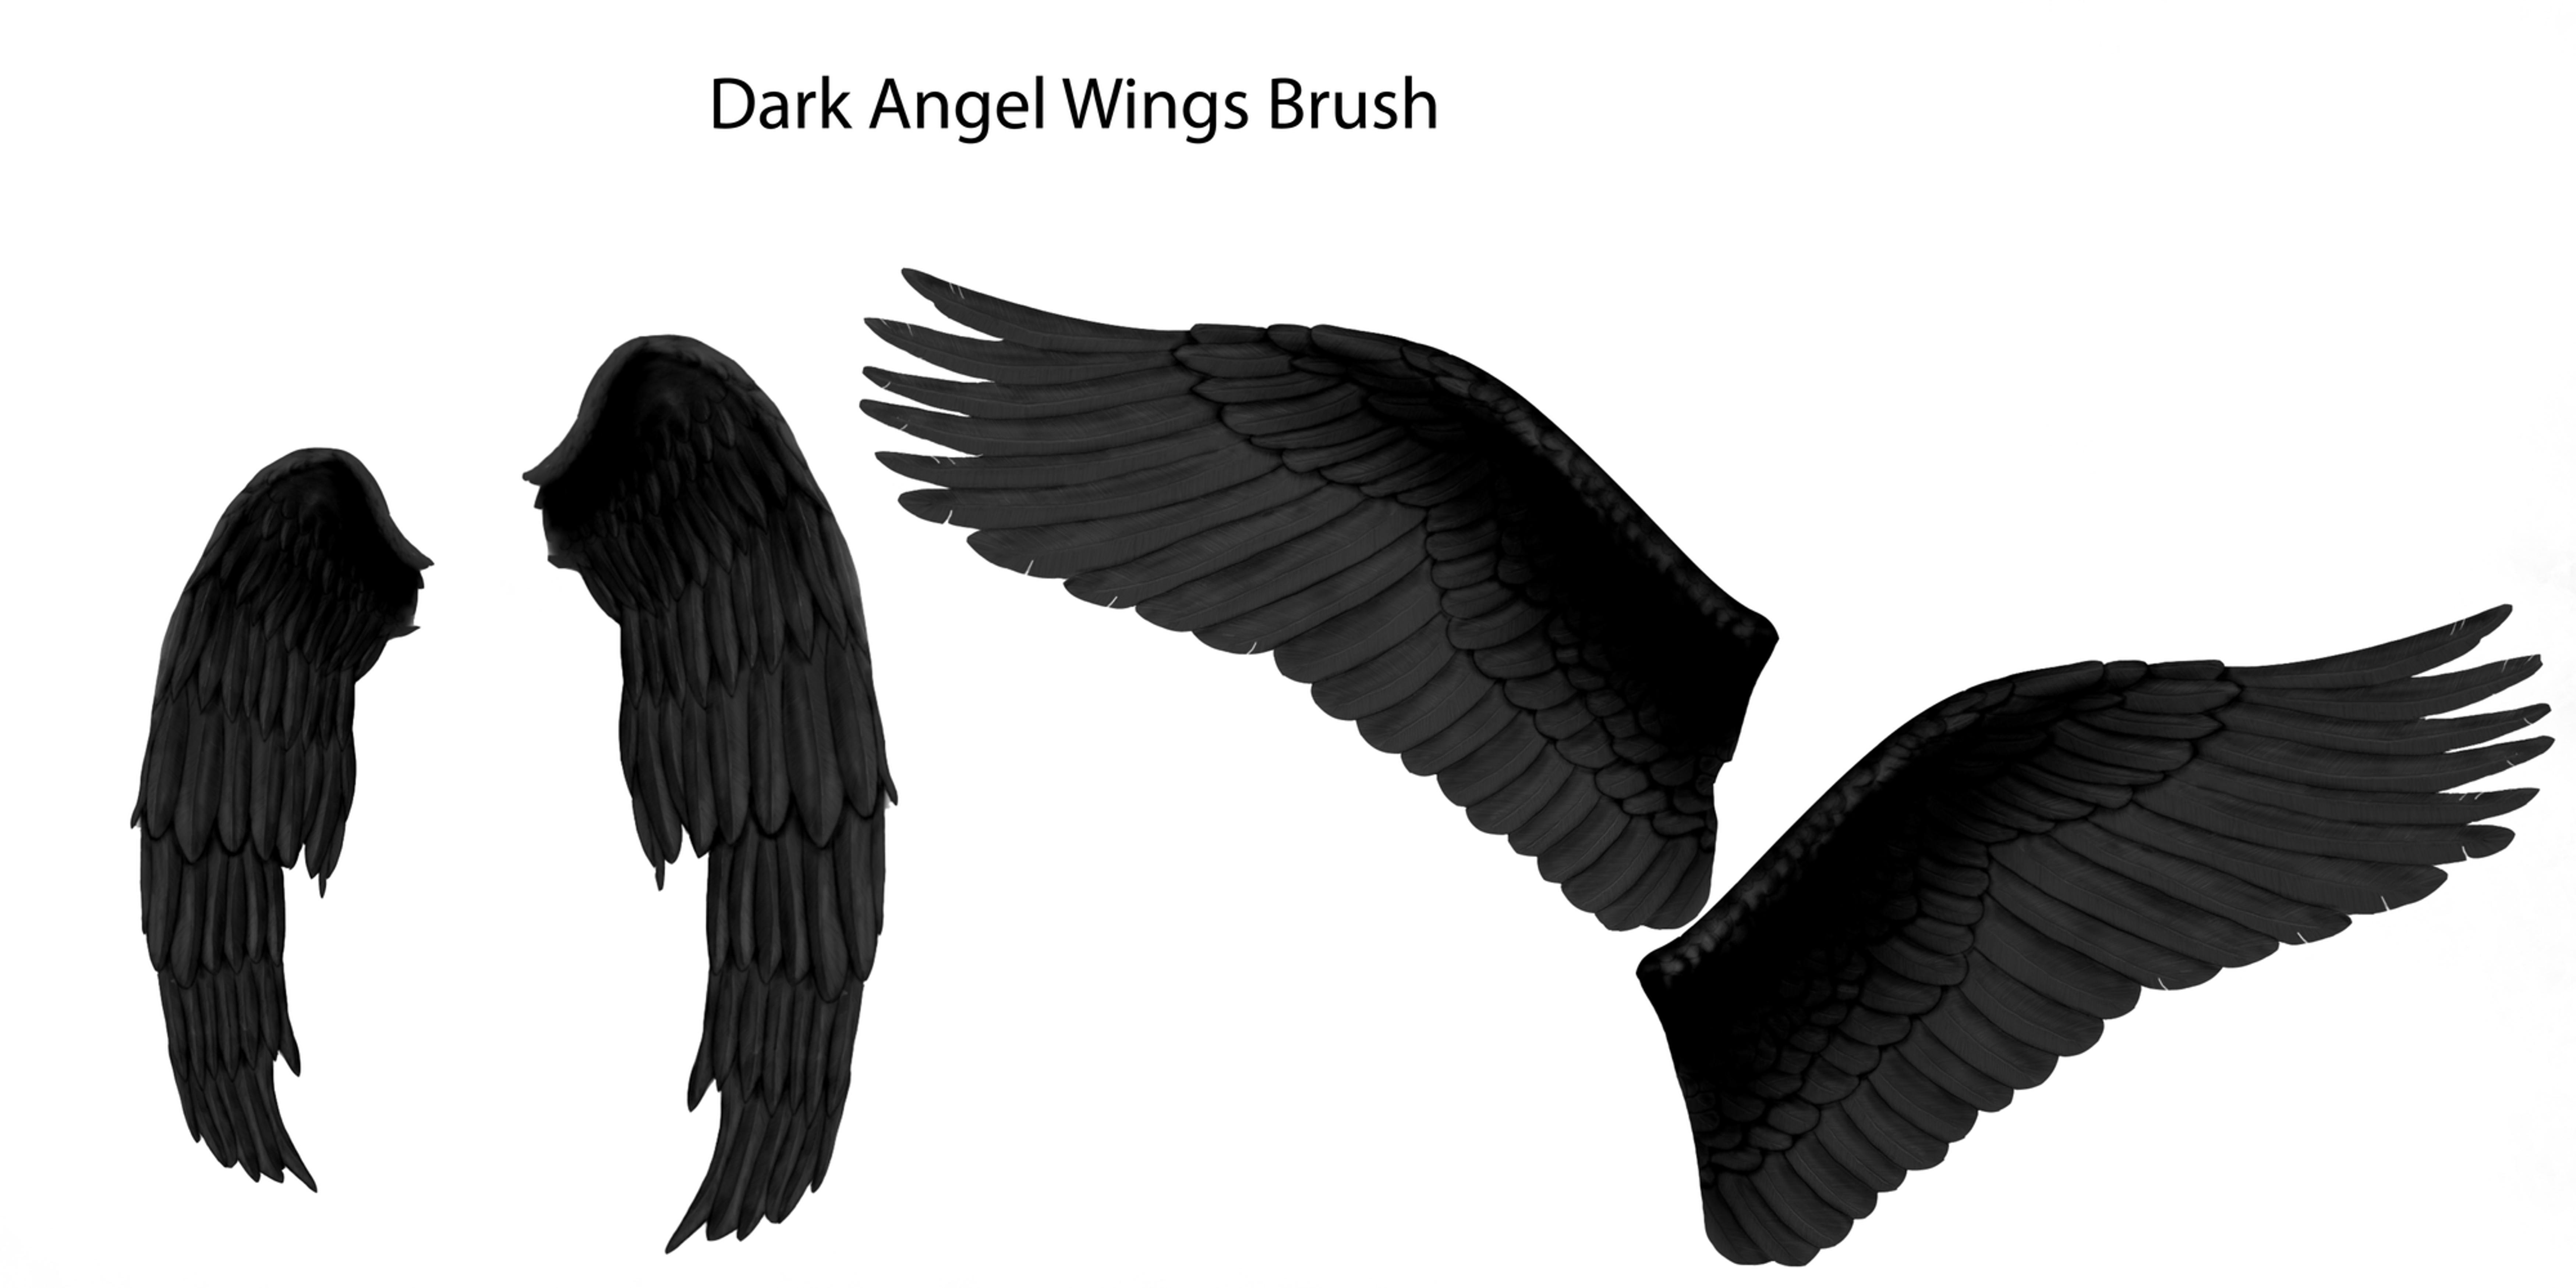 Dark Angel wings brush by farmerstochter